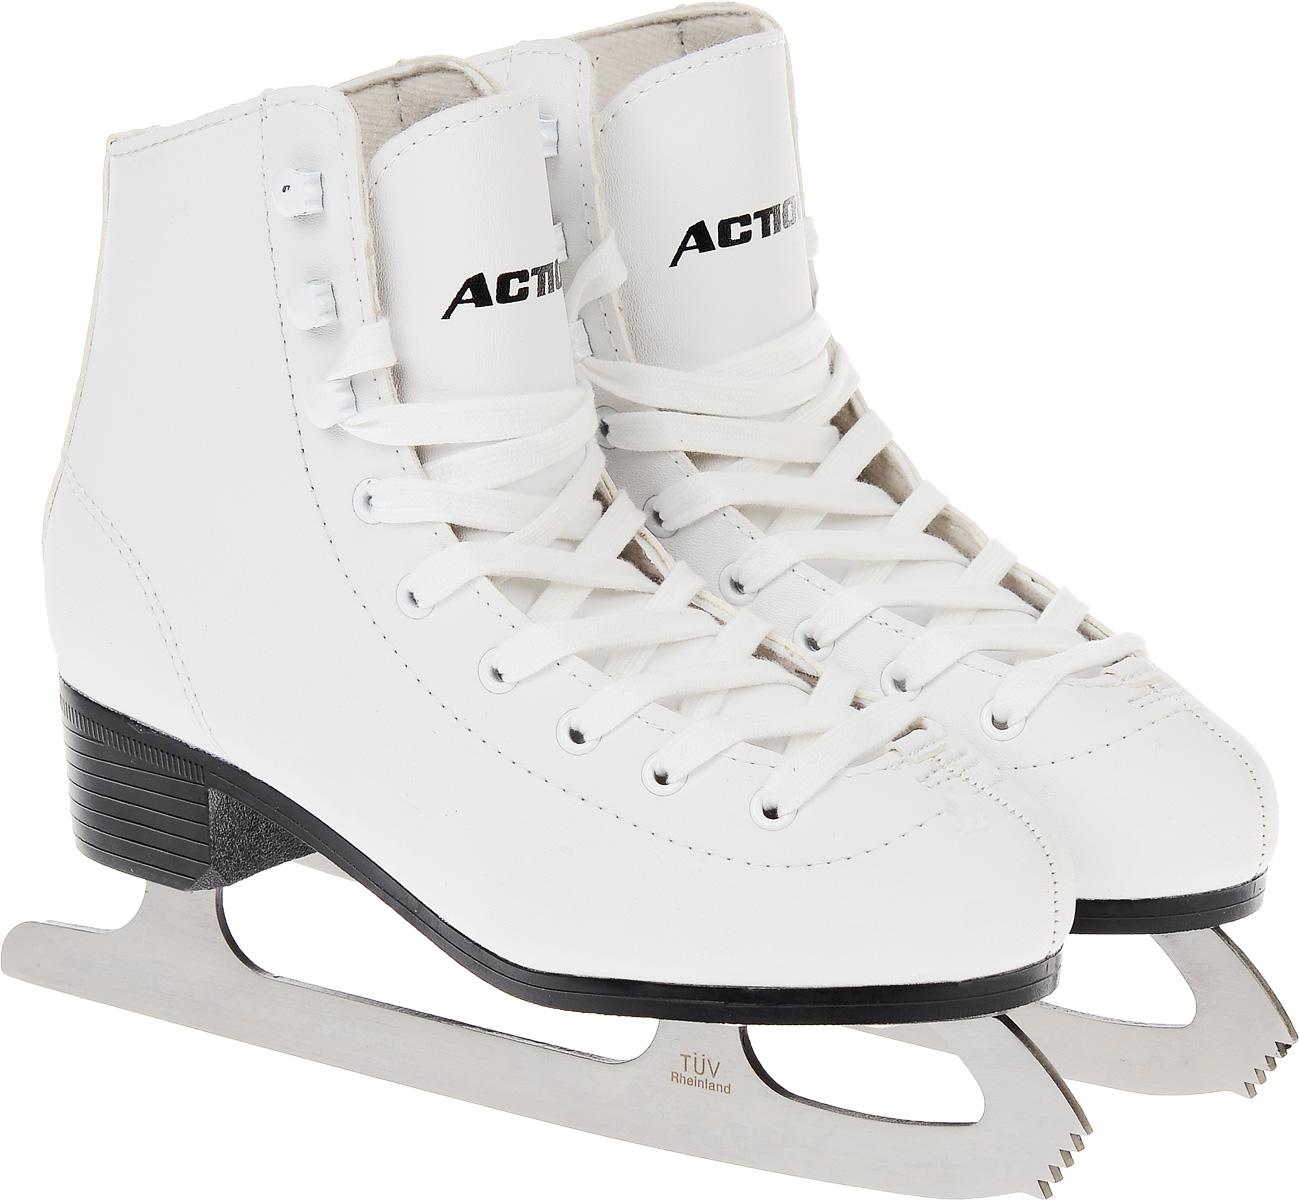 Коньки фигурные детские Action Sporting Goods, цвет: белый. PW-215. Размер 34